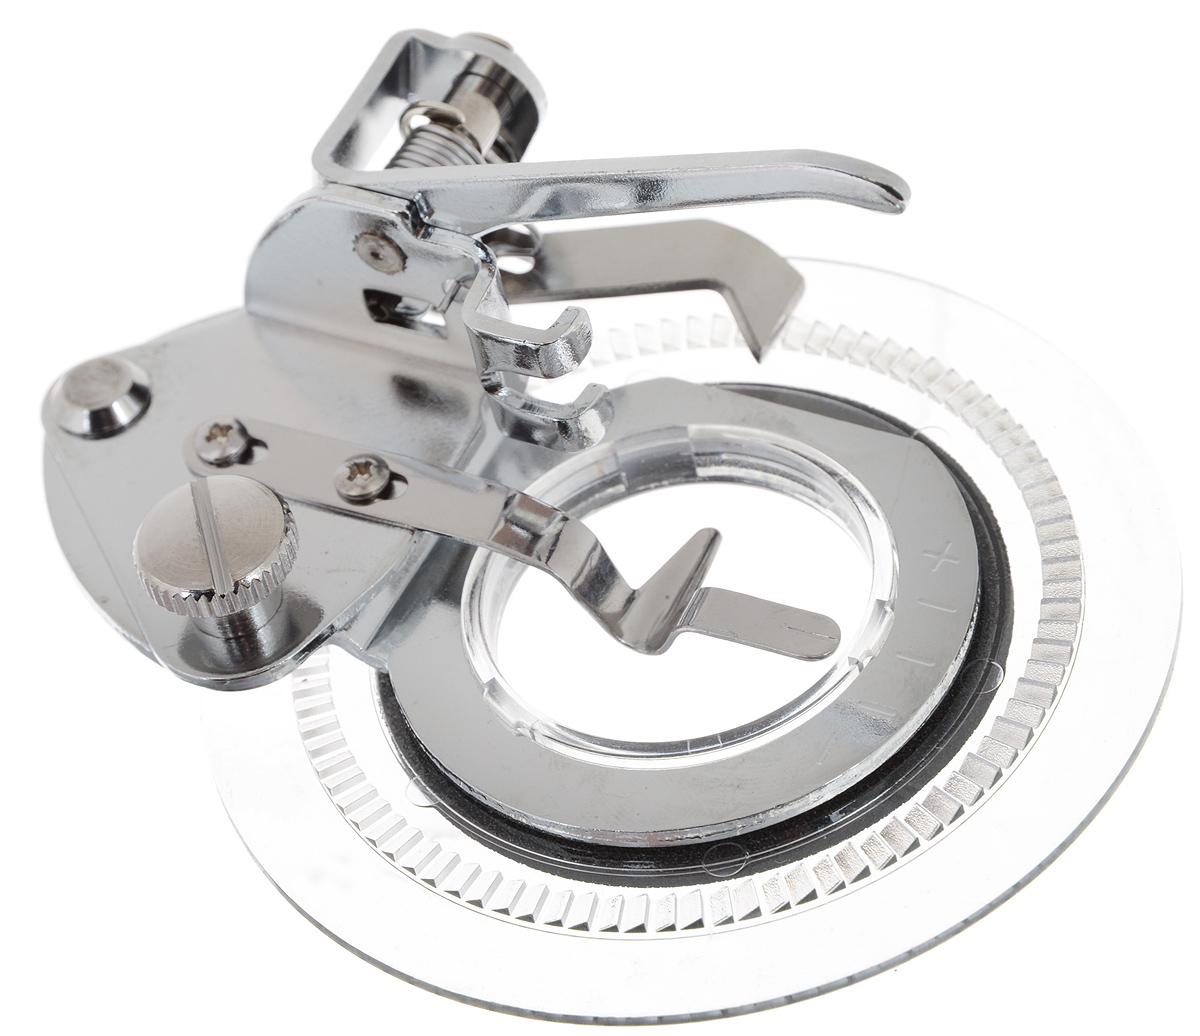 Лапка для швейной машины Aurora, для шитья узоровAU-120Лапка для швейной машины Aurora используется для шитья декоративных узоров по кругу. Подходит для большинства современных бытовых швейных машин. Инструкция по использованию прилагается.